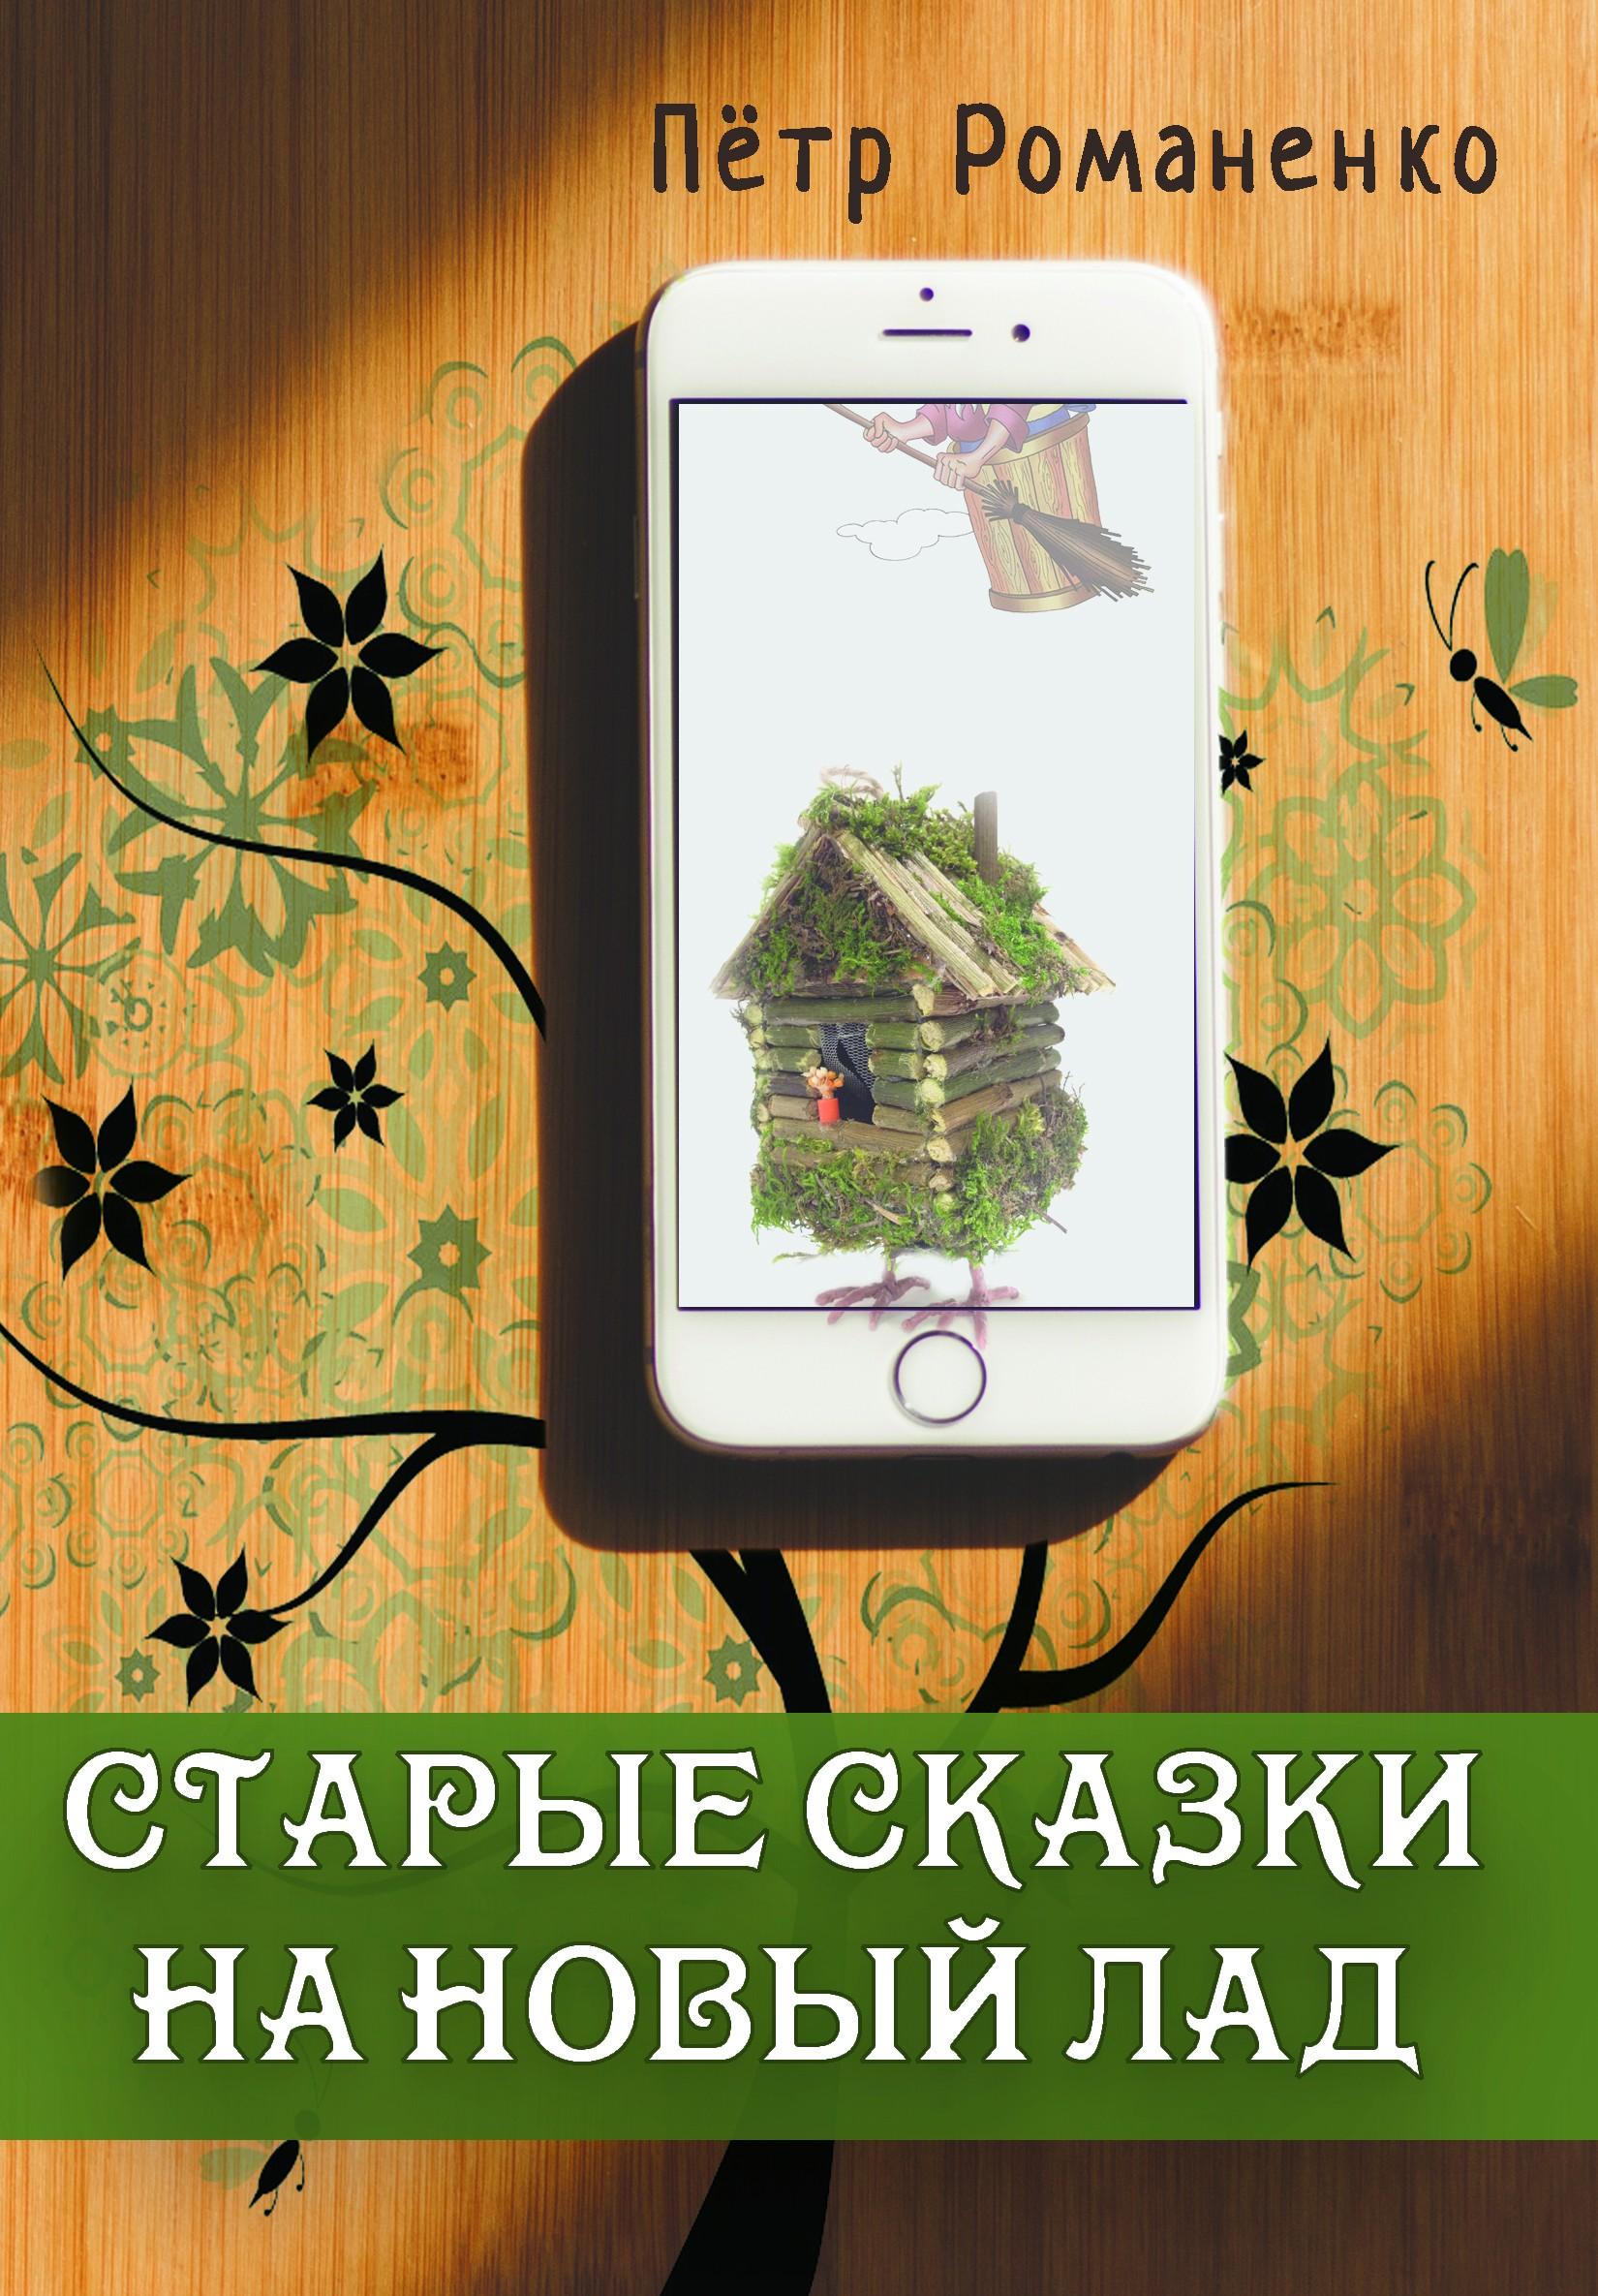 Петр Романенко Старые сказки на новый лад василец е старые сказки на новый лад